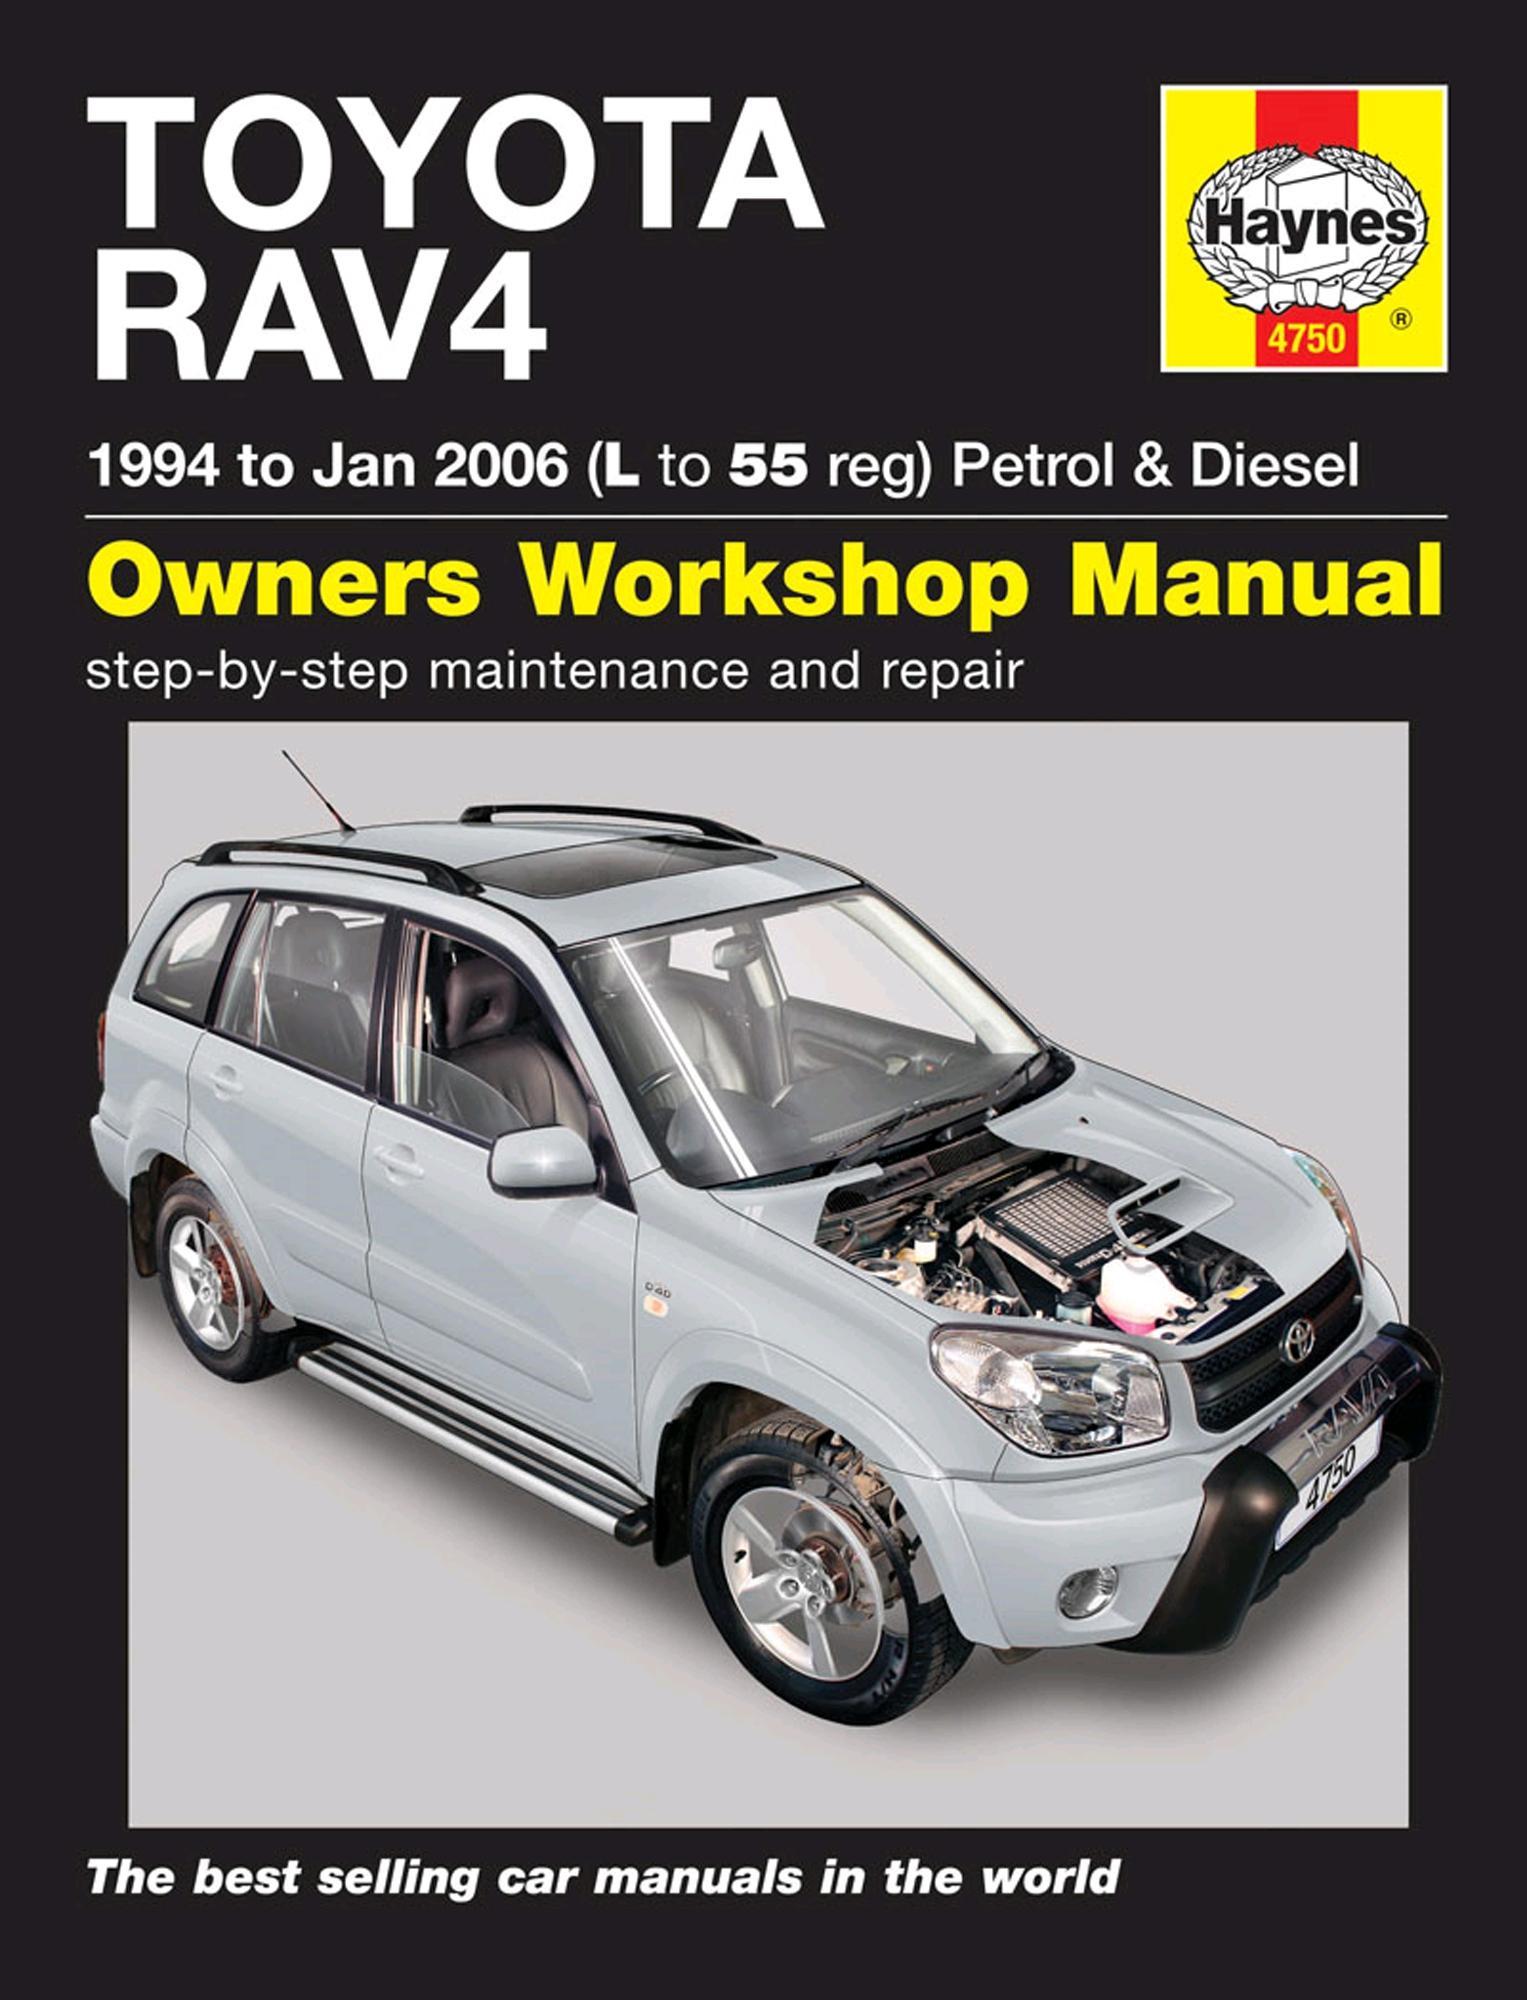 Haynes Owners Workshop Manual Toyota RAV4 1994-2006 Petrol Diesel  Maintenance